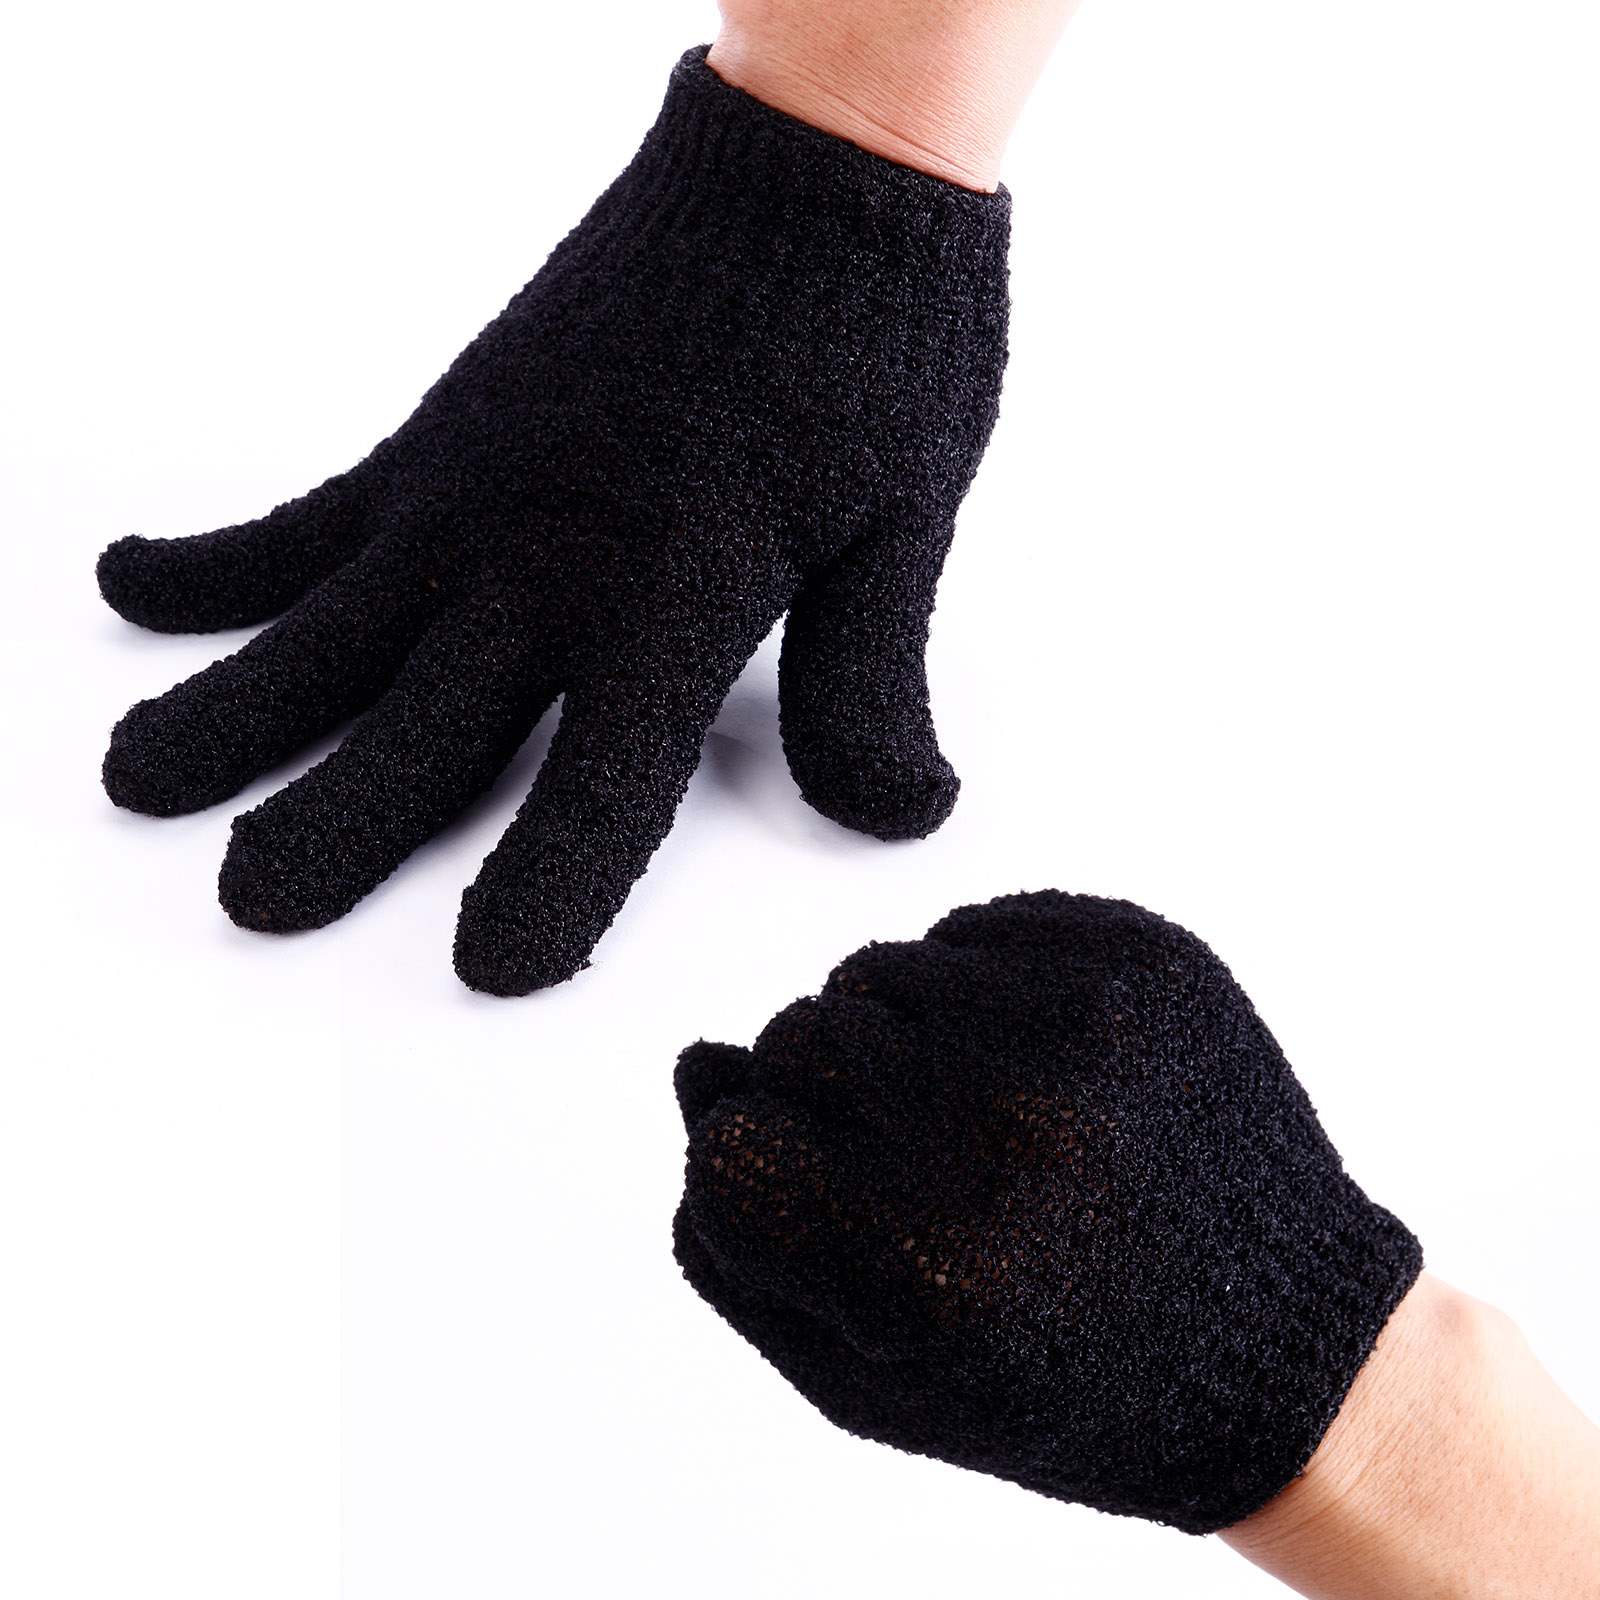 Nero guanti protettivi isolante termico per parrucchiere - Materiale isolante termico ...